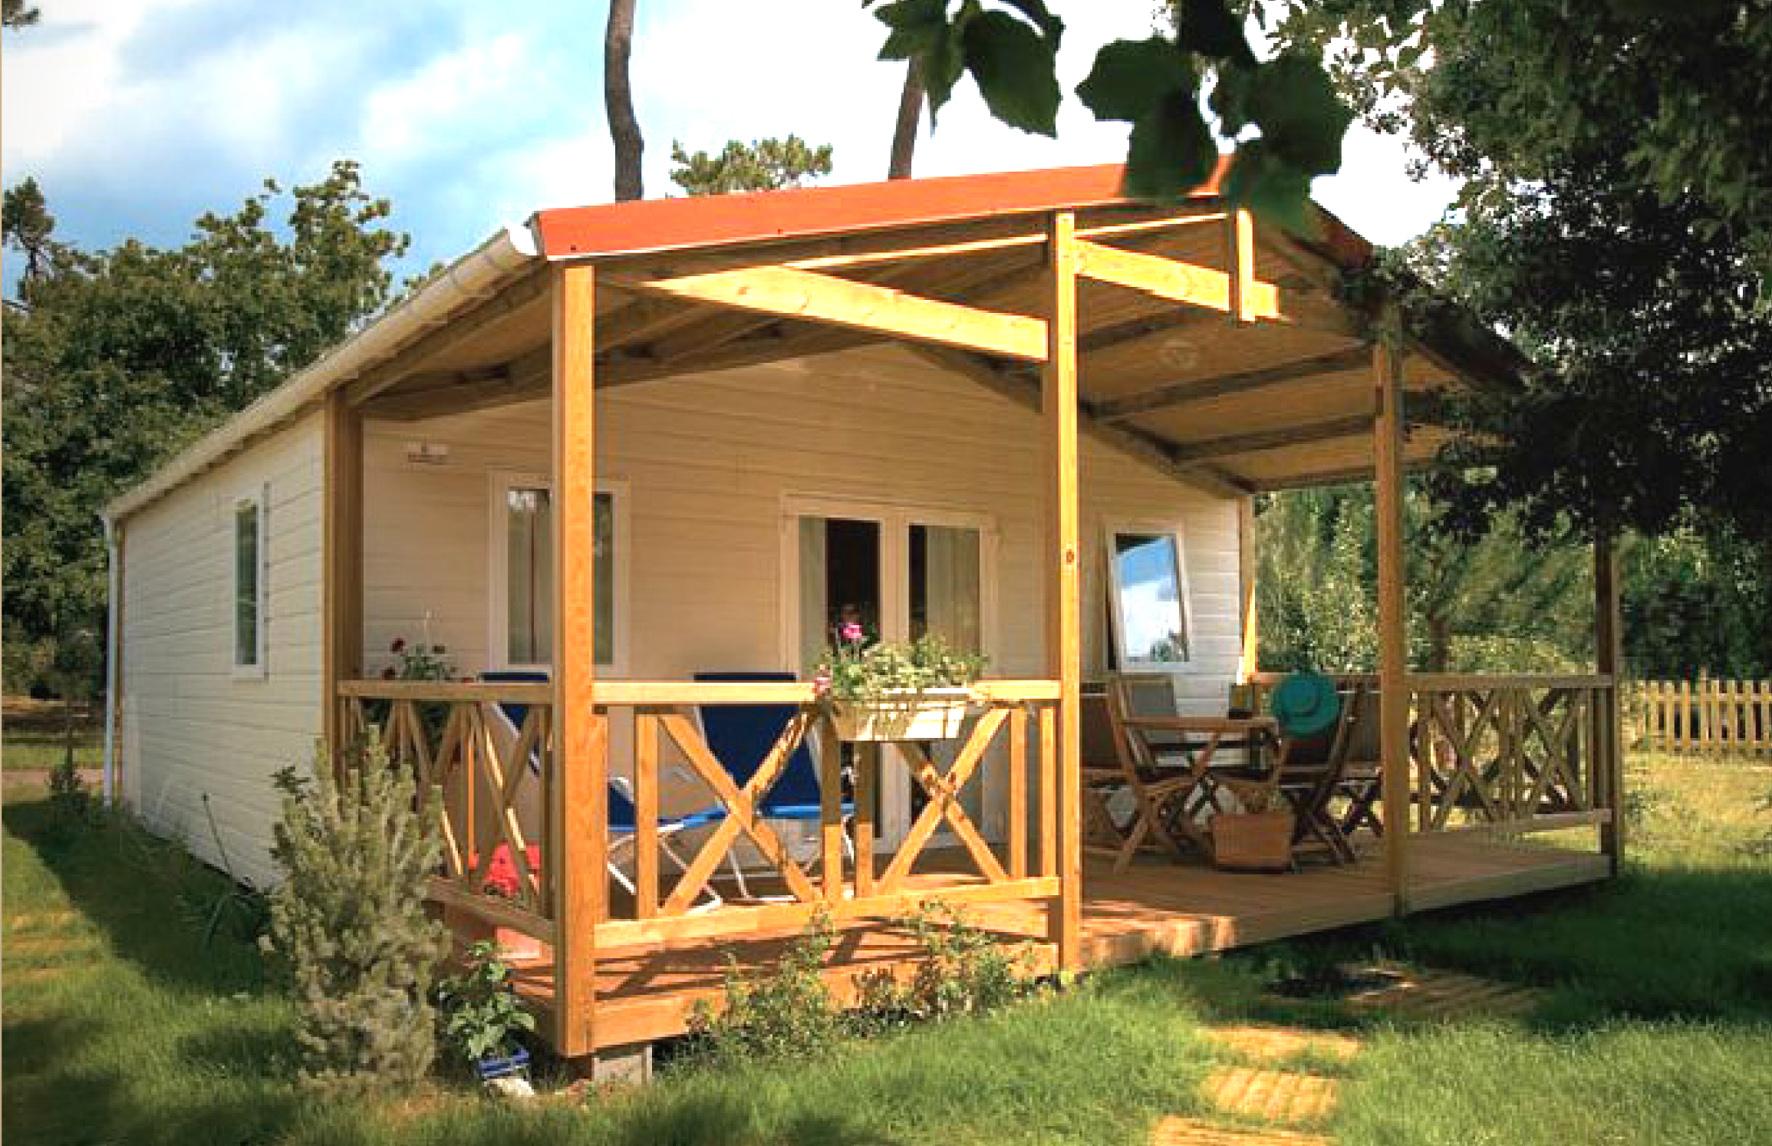 parc residentiel de loisirs-PARC RESIDENTIEL DE LOISIRS FORT SAMSON